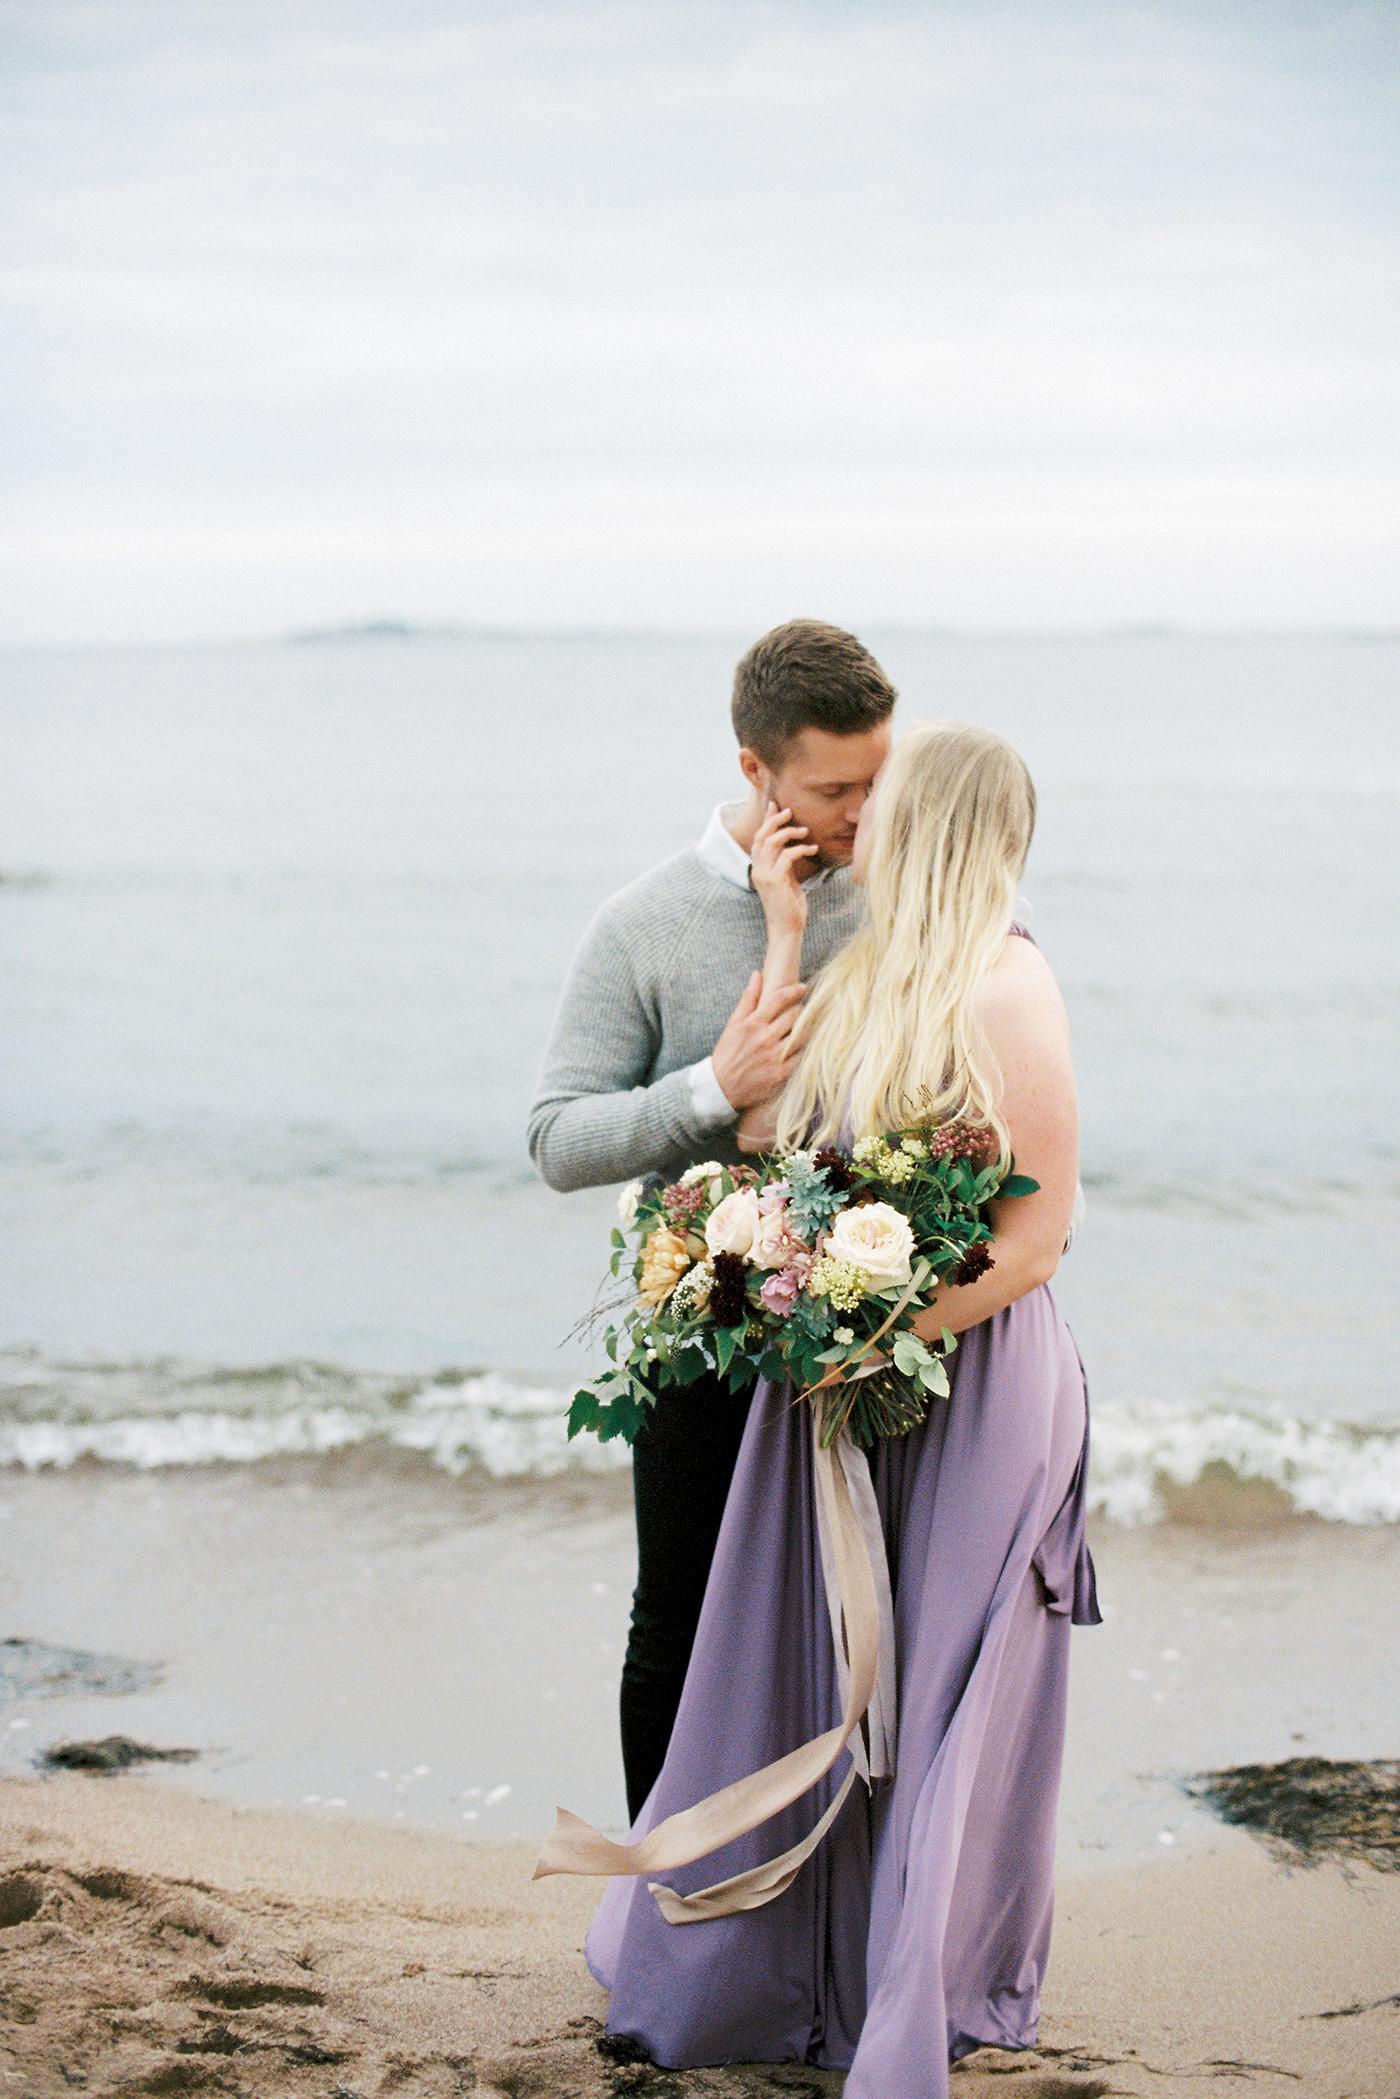 Sari & Mikko - Beach Engagement Couple Shoot in Hanko kihlakuvaus parikuvaus - Susanna Nordvall - Hey Look (35).jpg